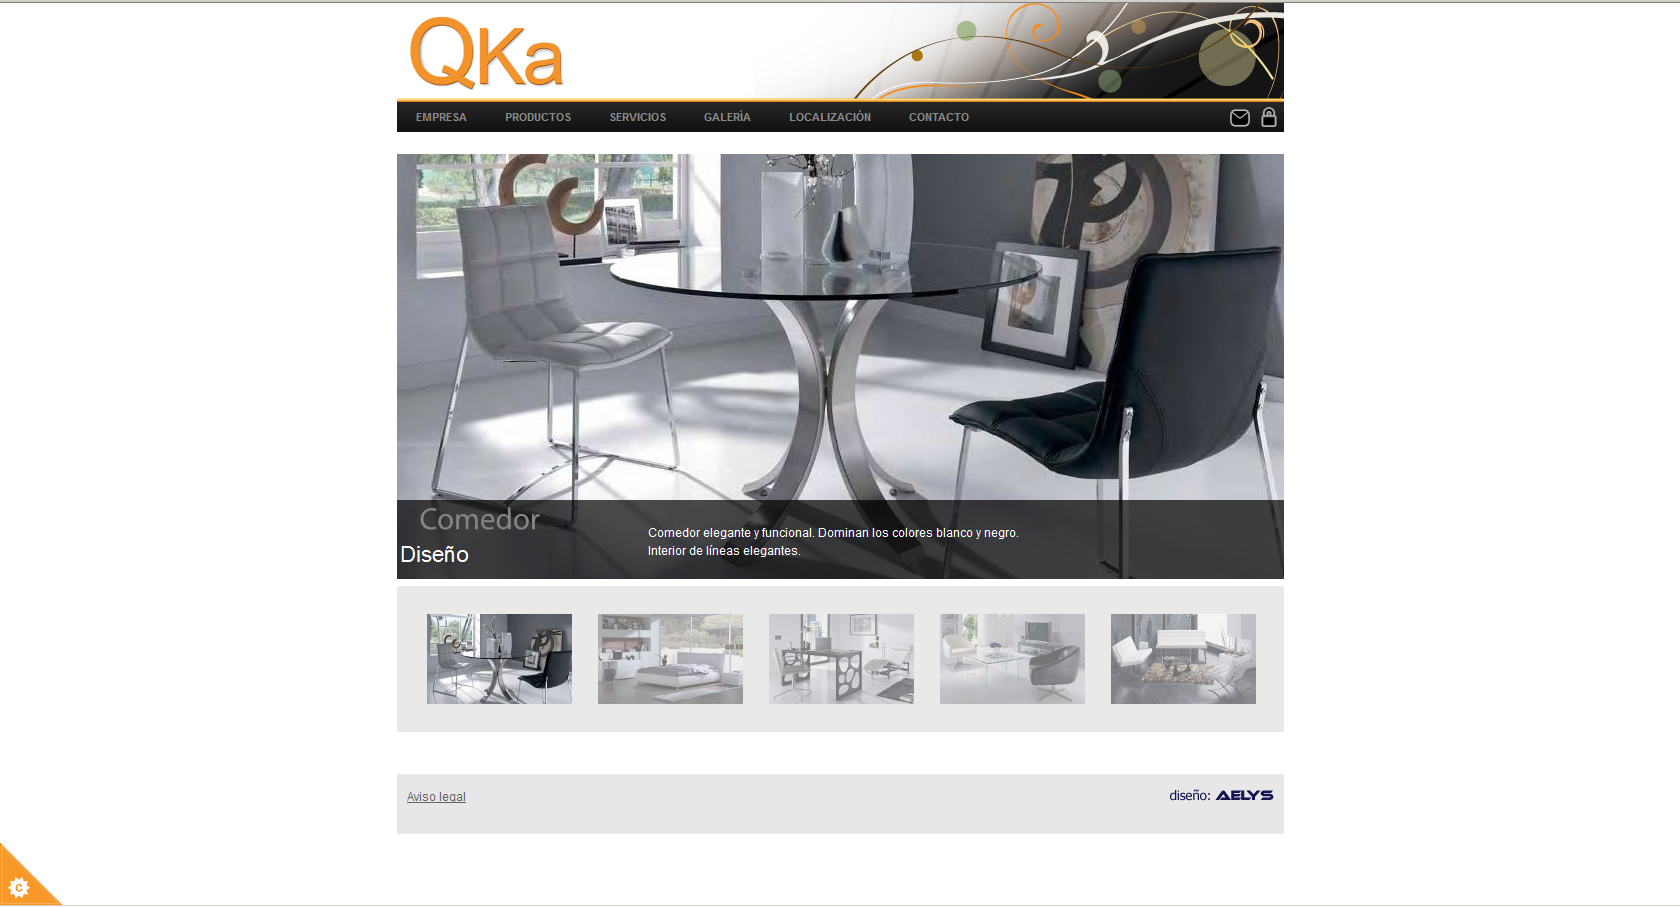 Muebles Qka Pontevedra - Aelys [mjhdah]http://www.mueblesedra.com/media/k2/galleries/223/Mesillas%20vintage%20foto%201.JPG